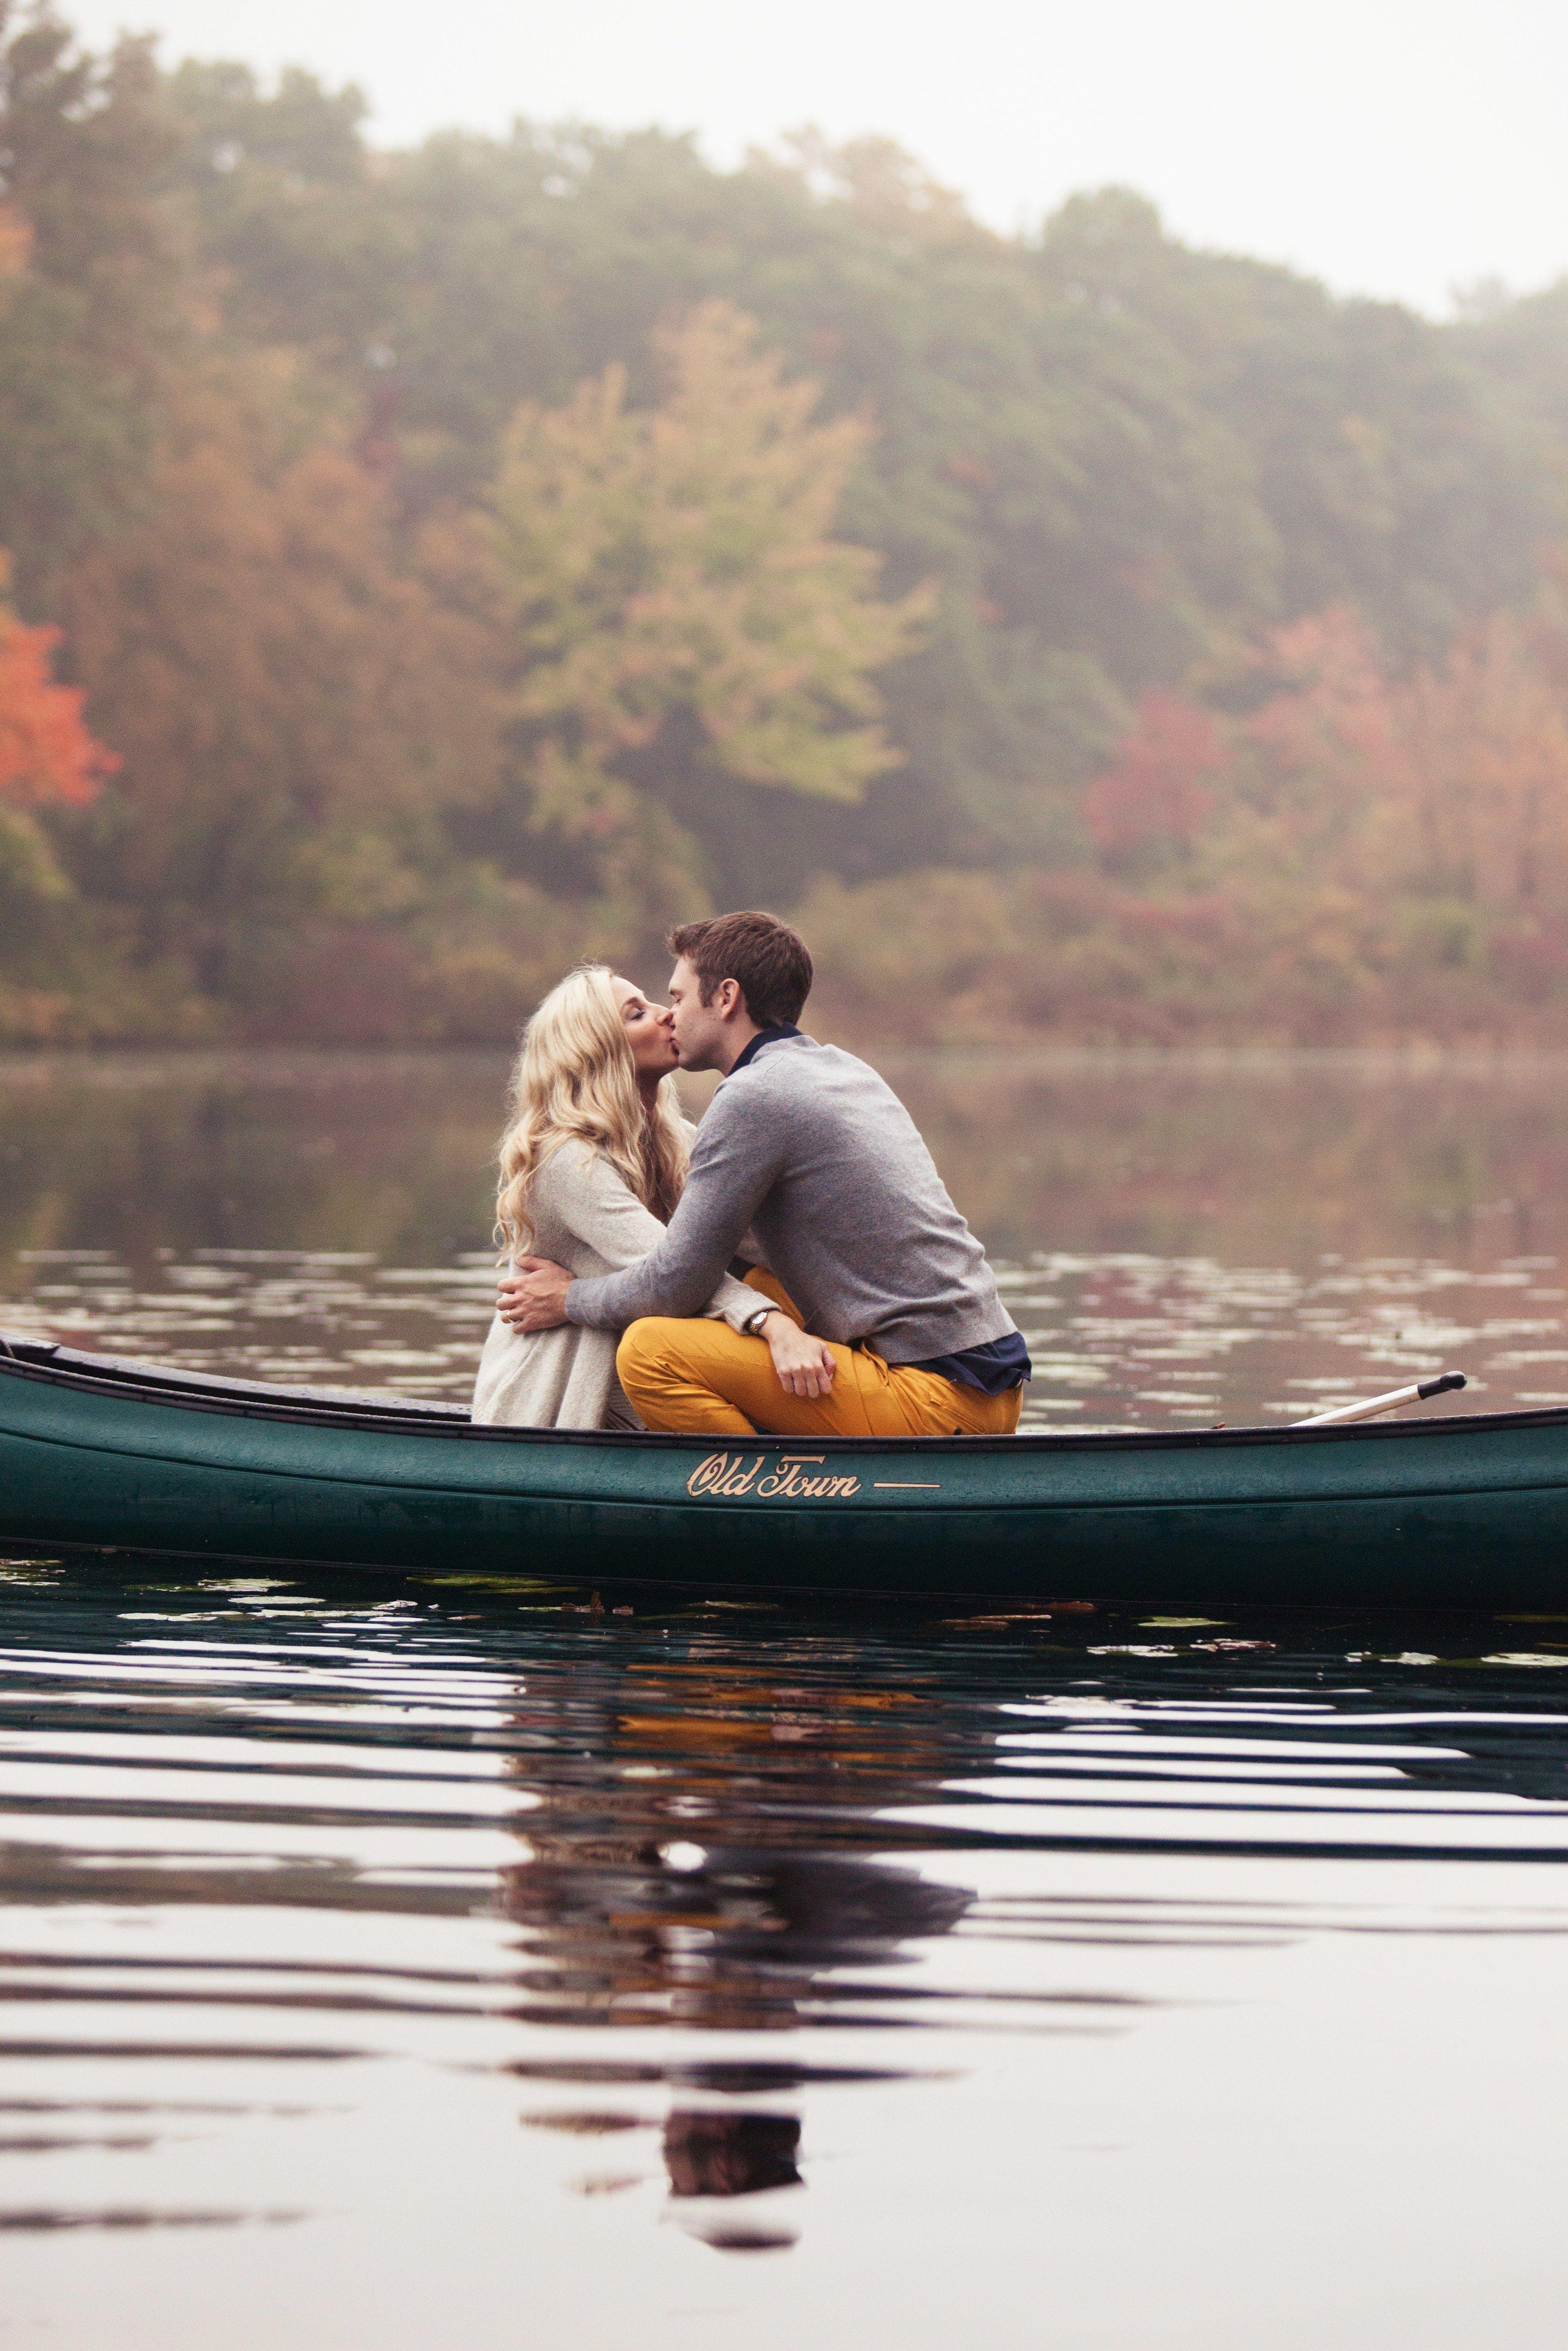 брюнетка трахается видео парень с девушкой на озере решила, что